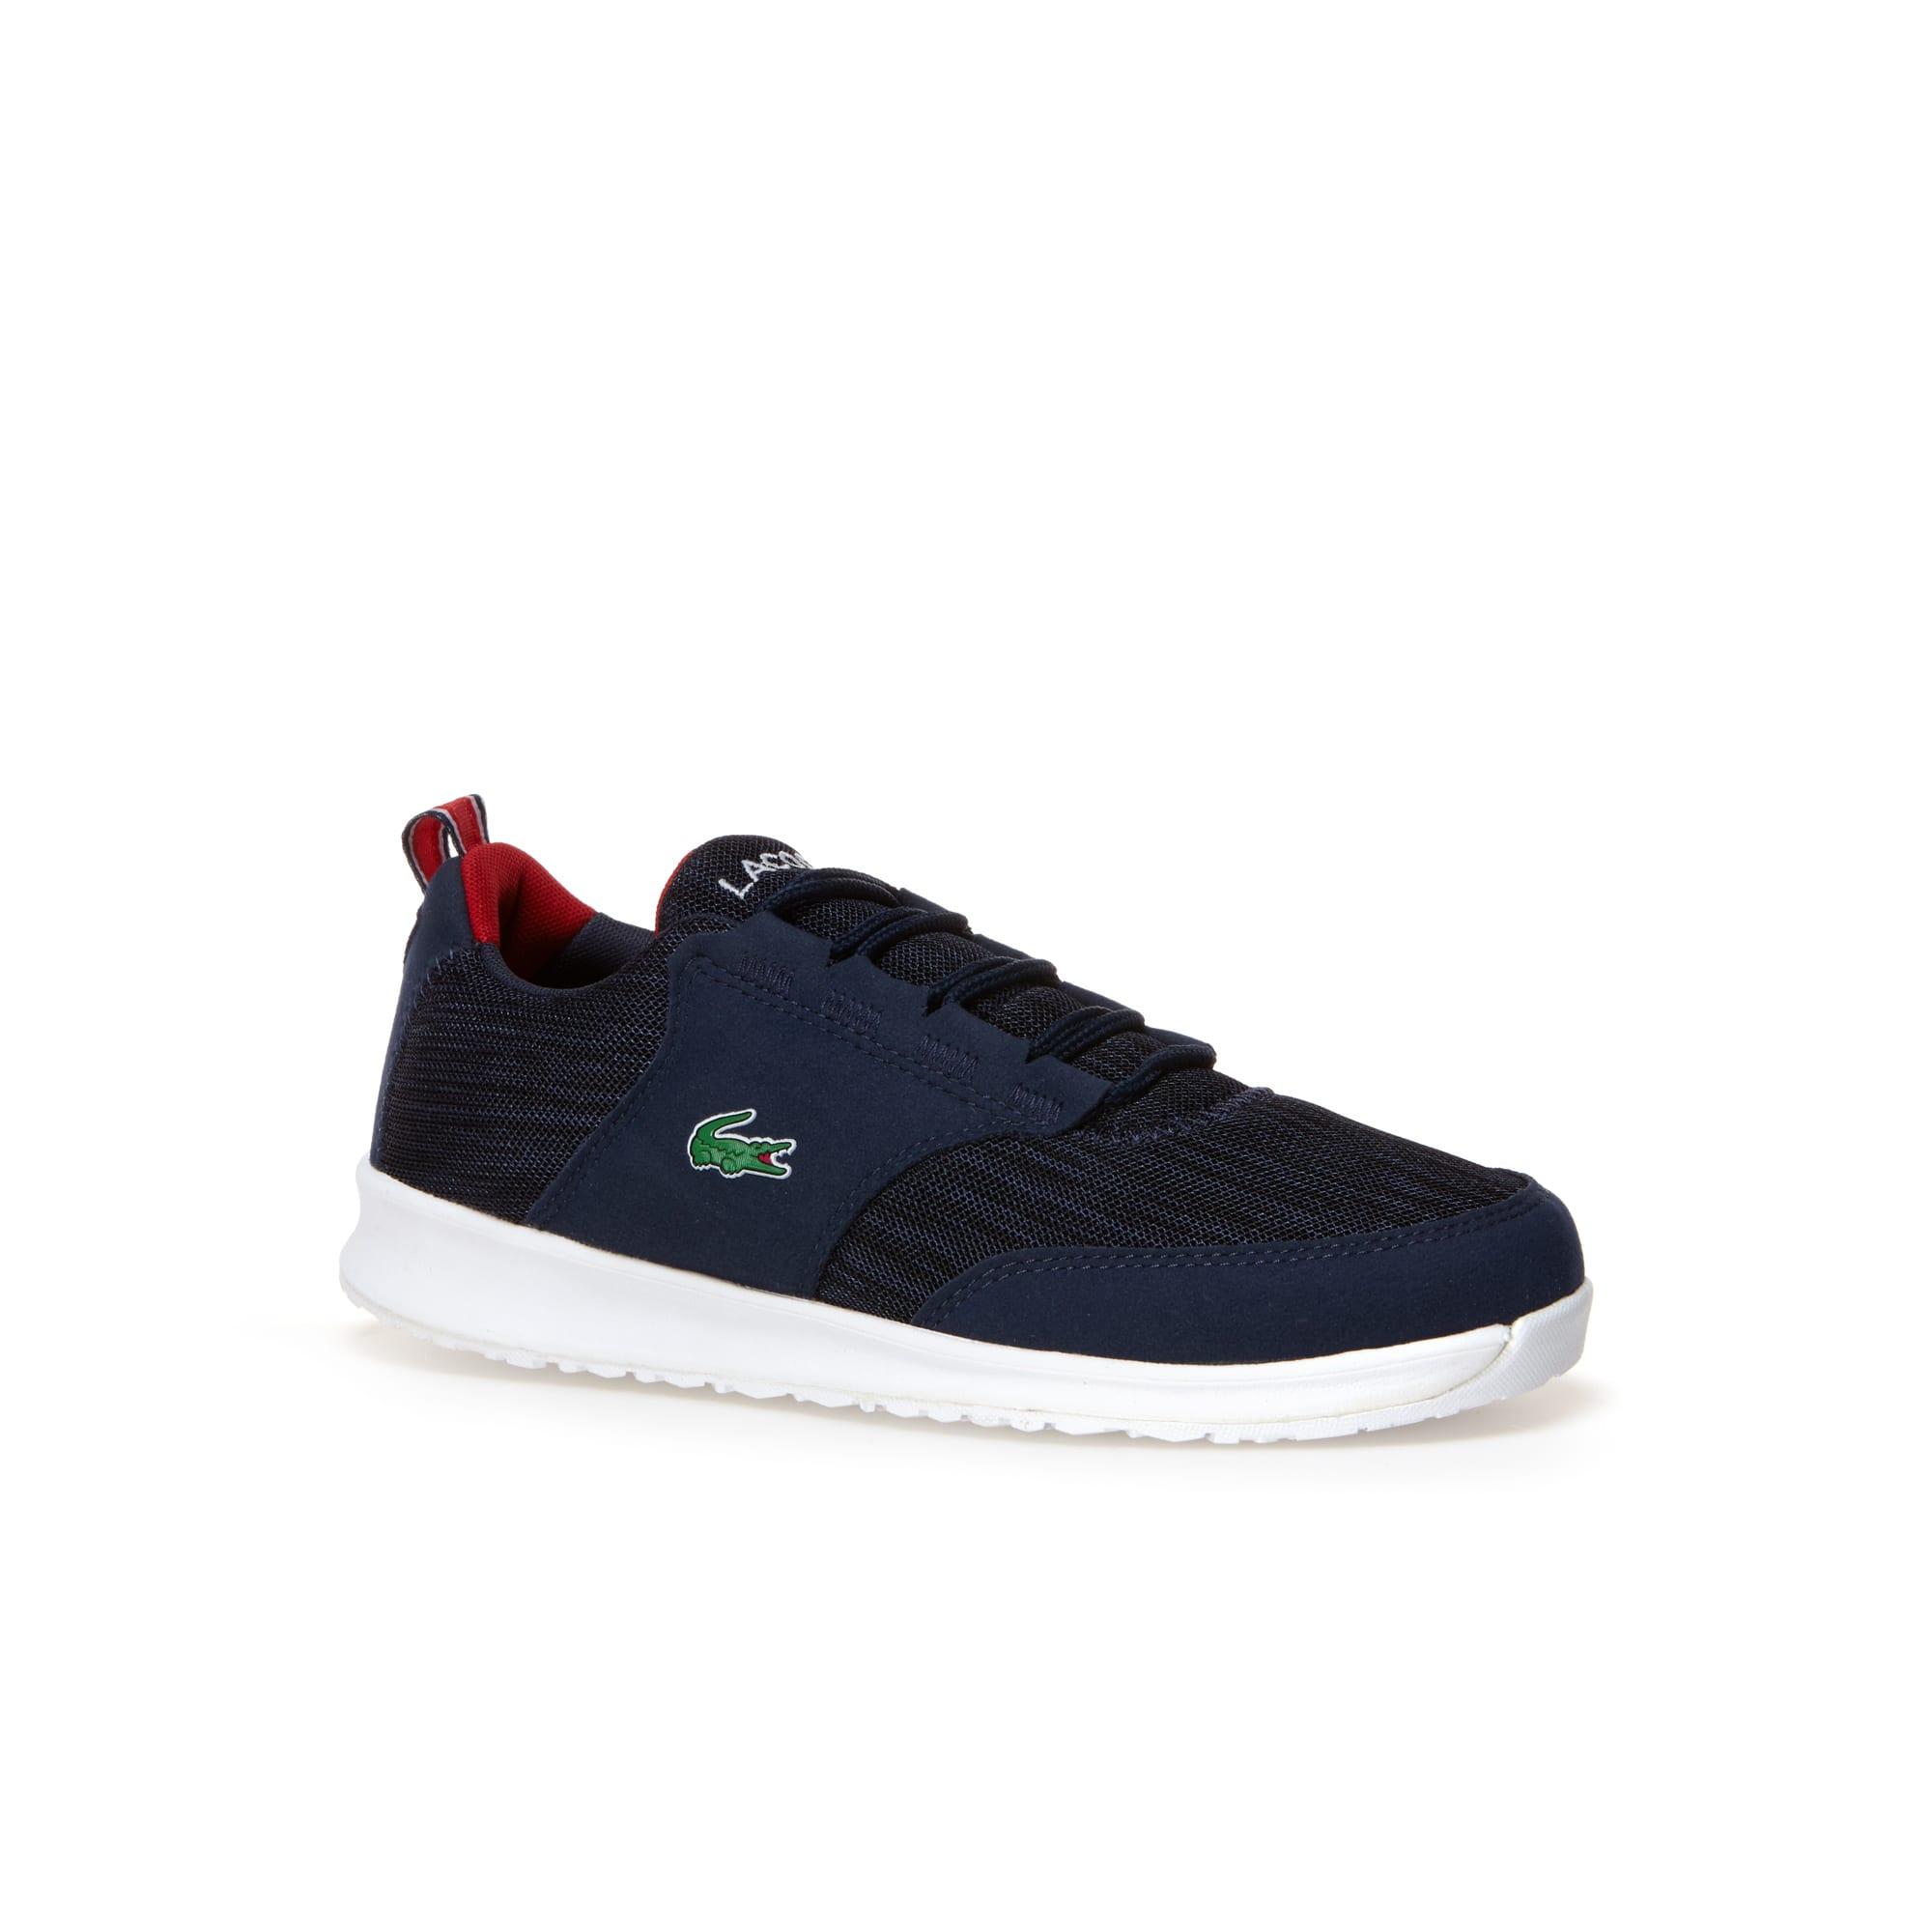 Sneakers L.ight adolescenti in tessuto